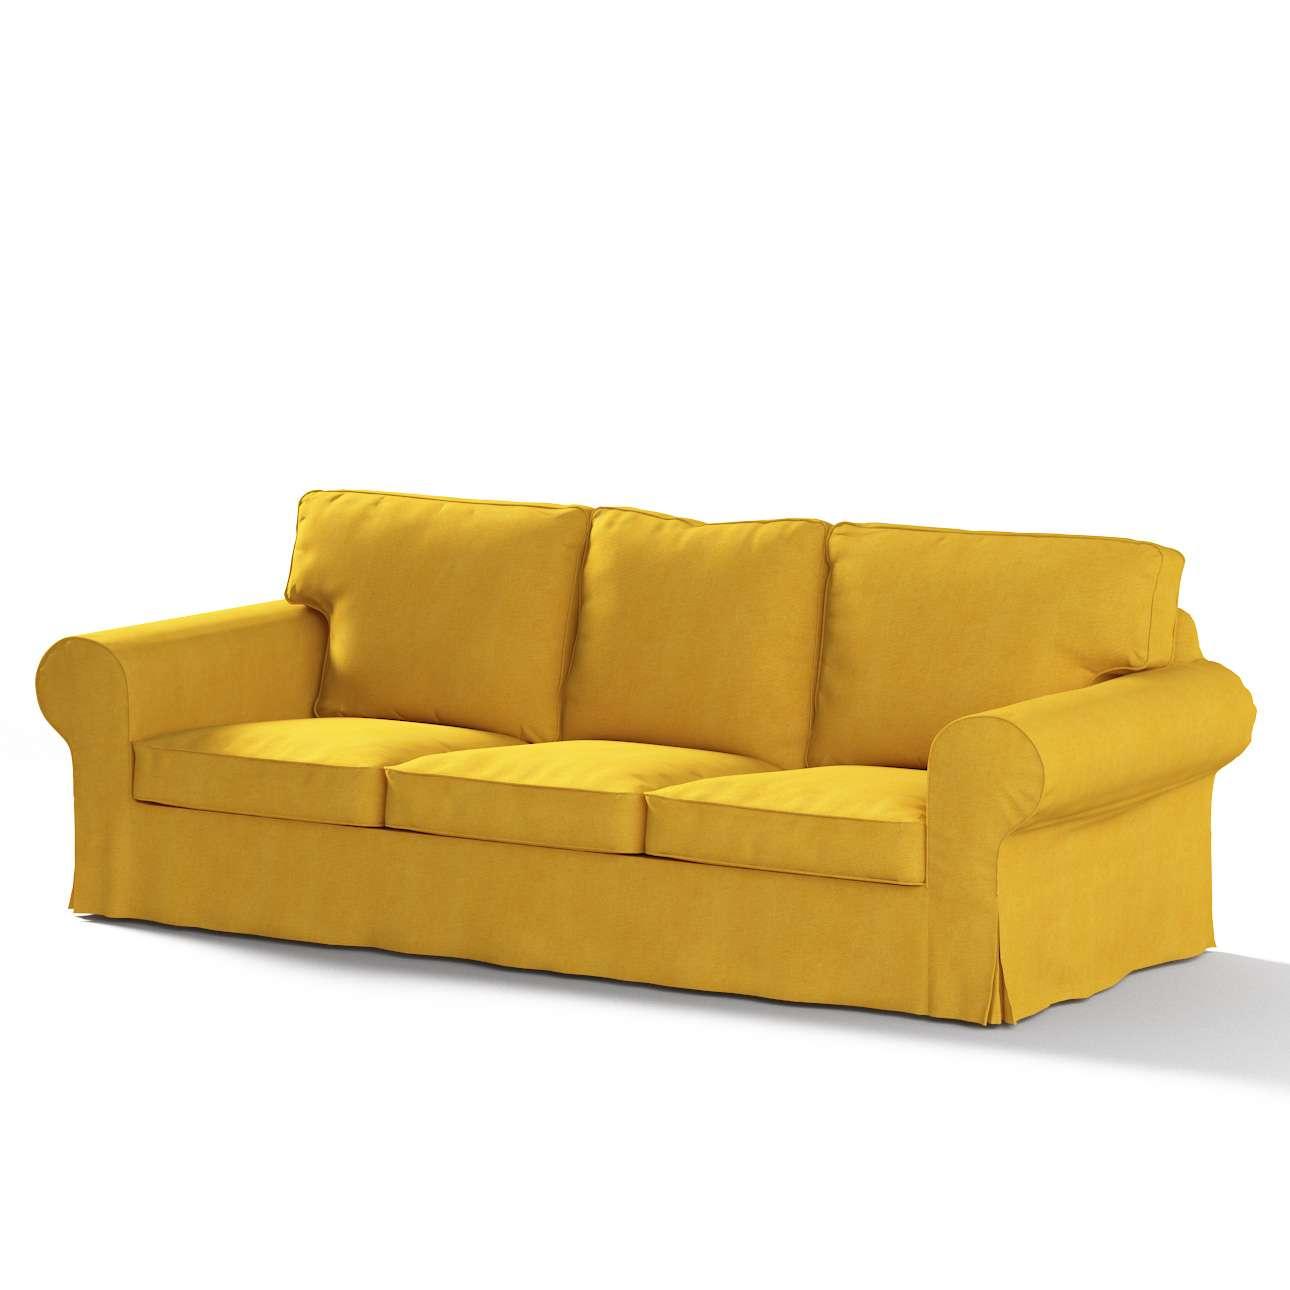 Pokrowiec na sofę Ektorp 3-osobową, nierozkładaną Sofa Ektorp 3-osobowa w kolekcji Etna , tkanina: 705-04